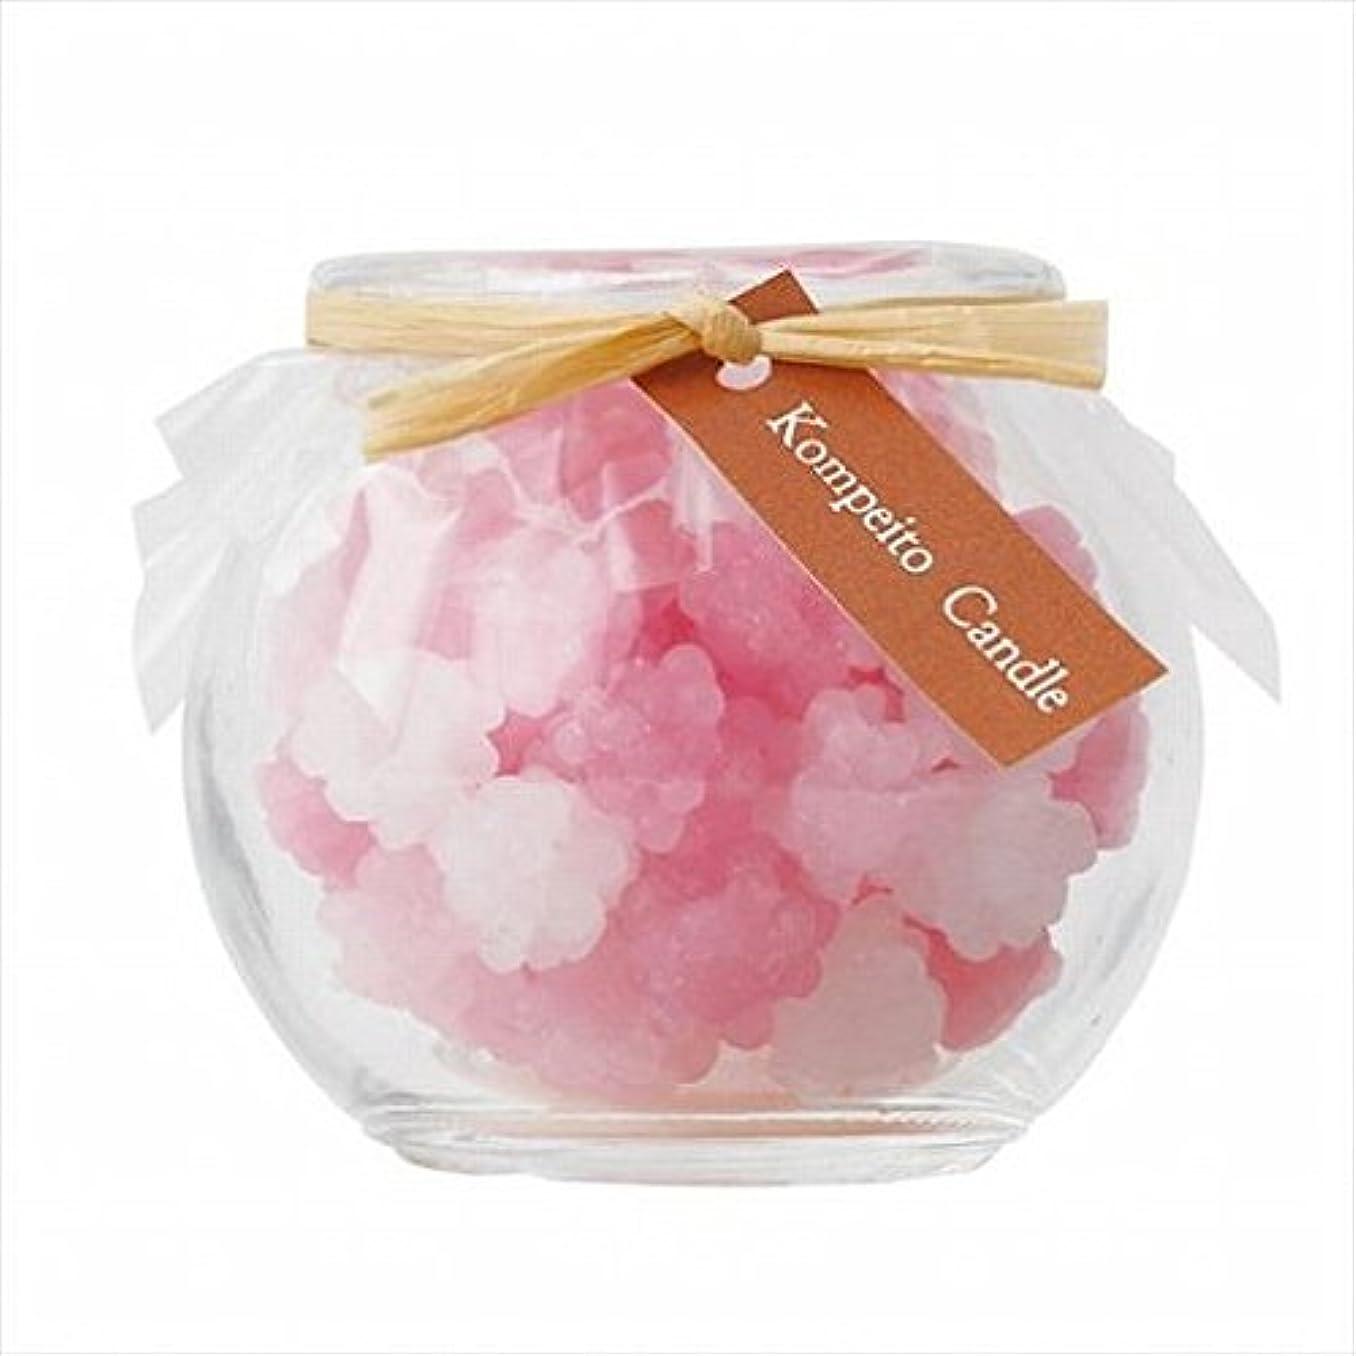 メタン乏しい誤解を招くsweets candle(スイーツキャンドル) こんぺいとう 「 ピンク 」 キャンドル 65x65x58mm (A6500000PK)